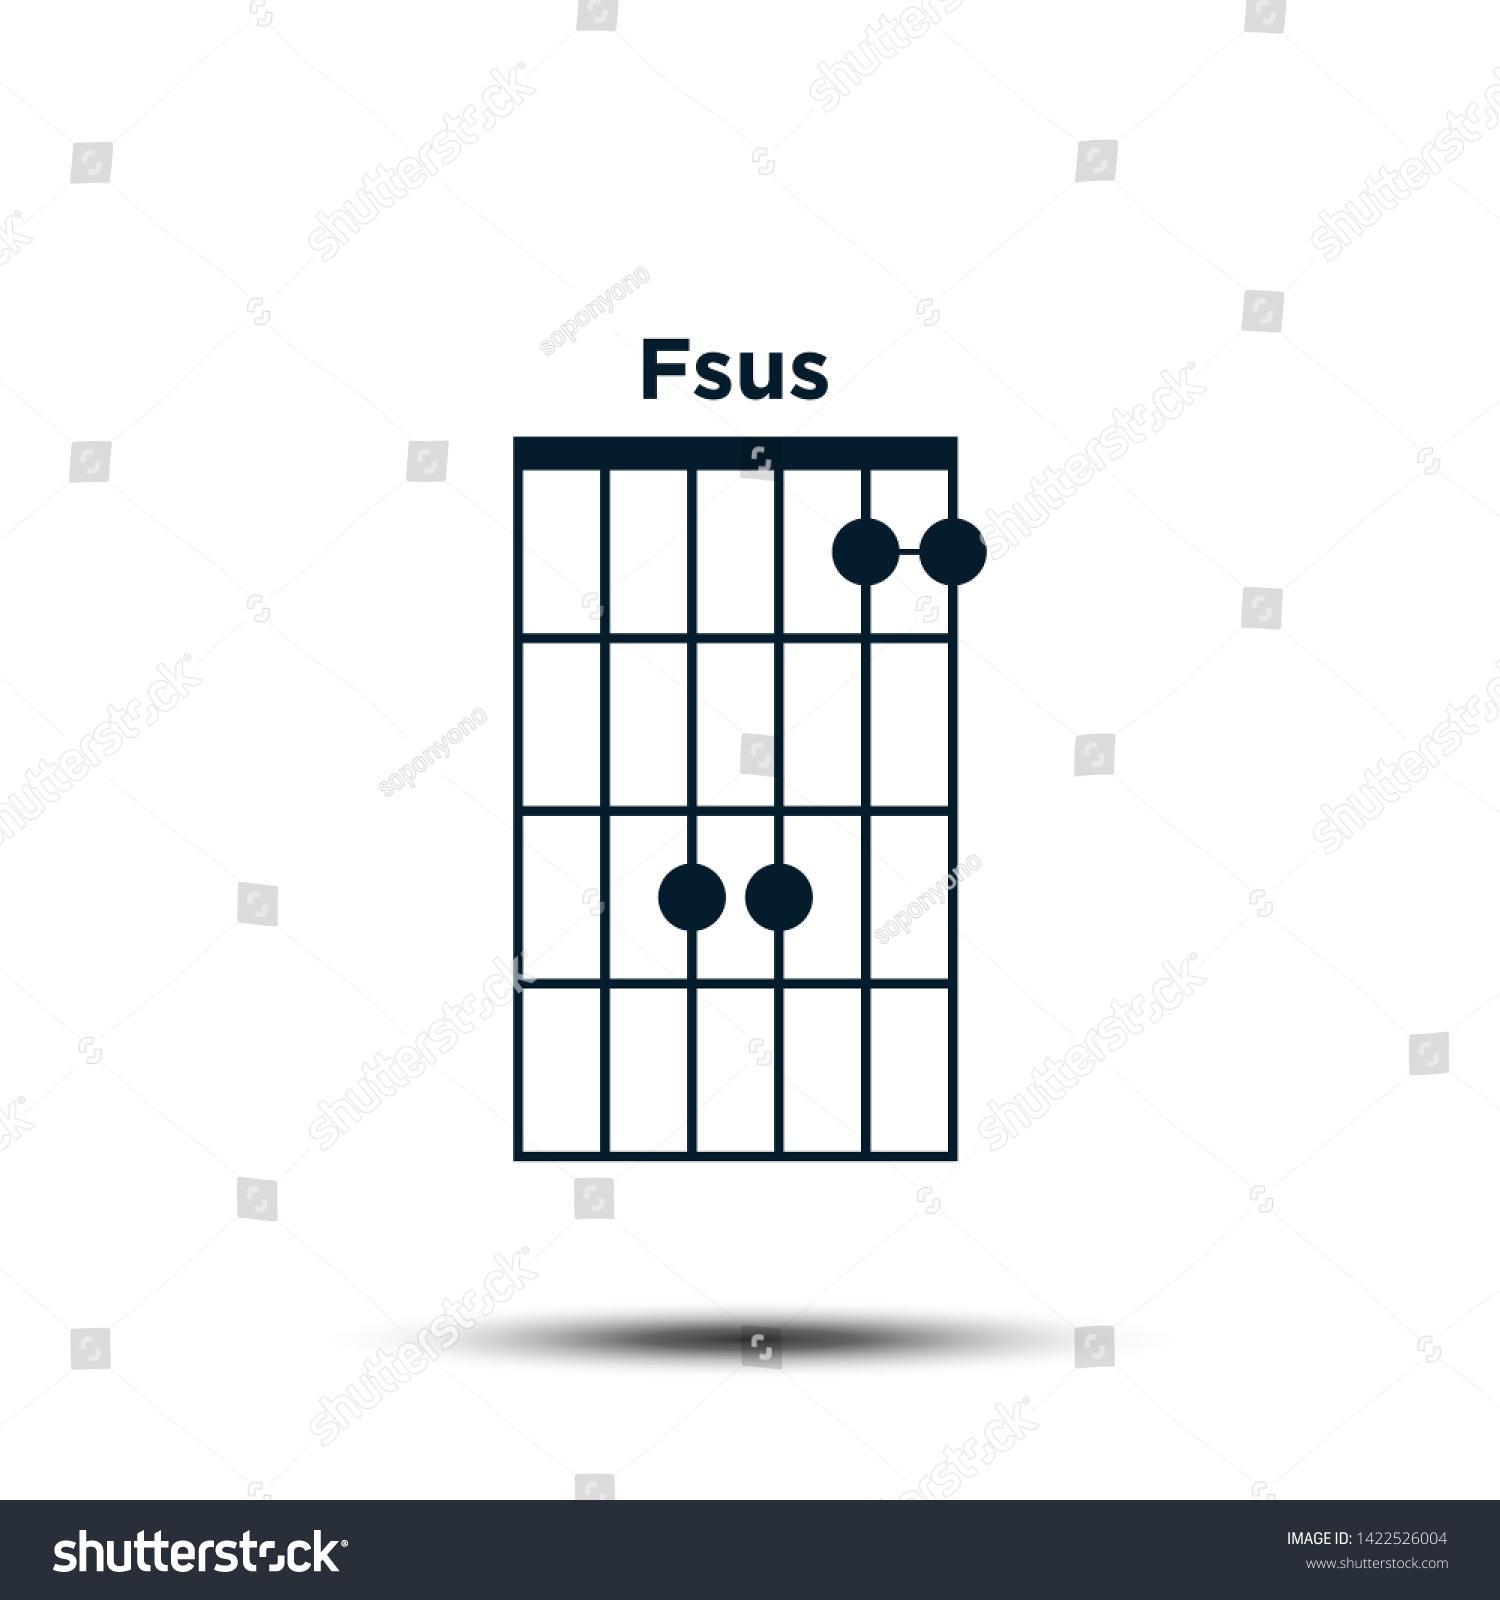 Suchen Sie nach Fsus Basic Guitar Chord Chart Icon Stockbildern ...